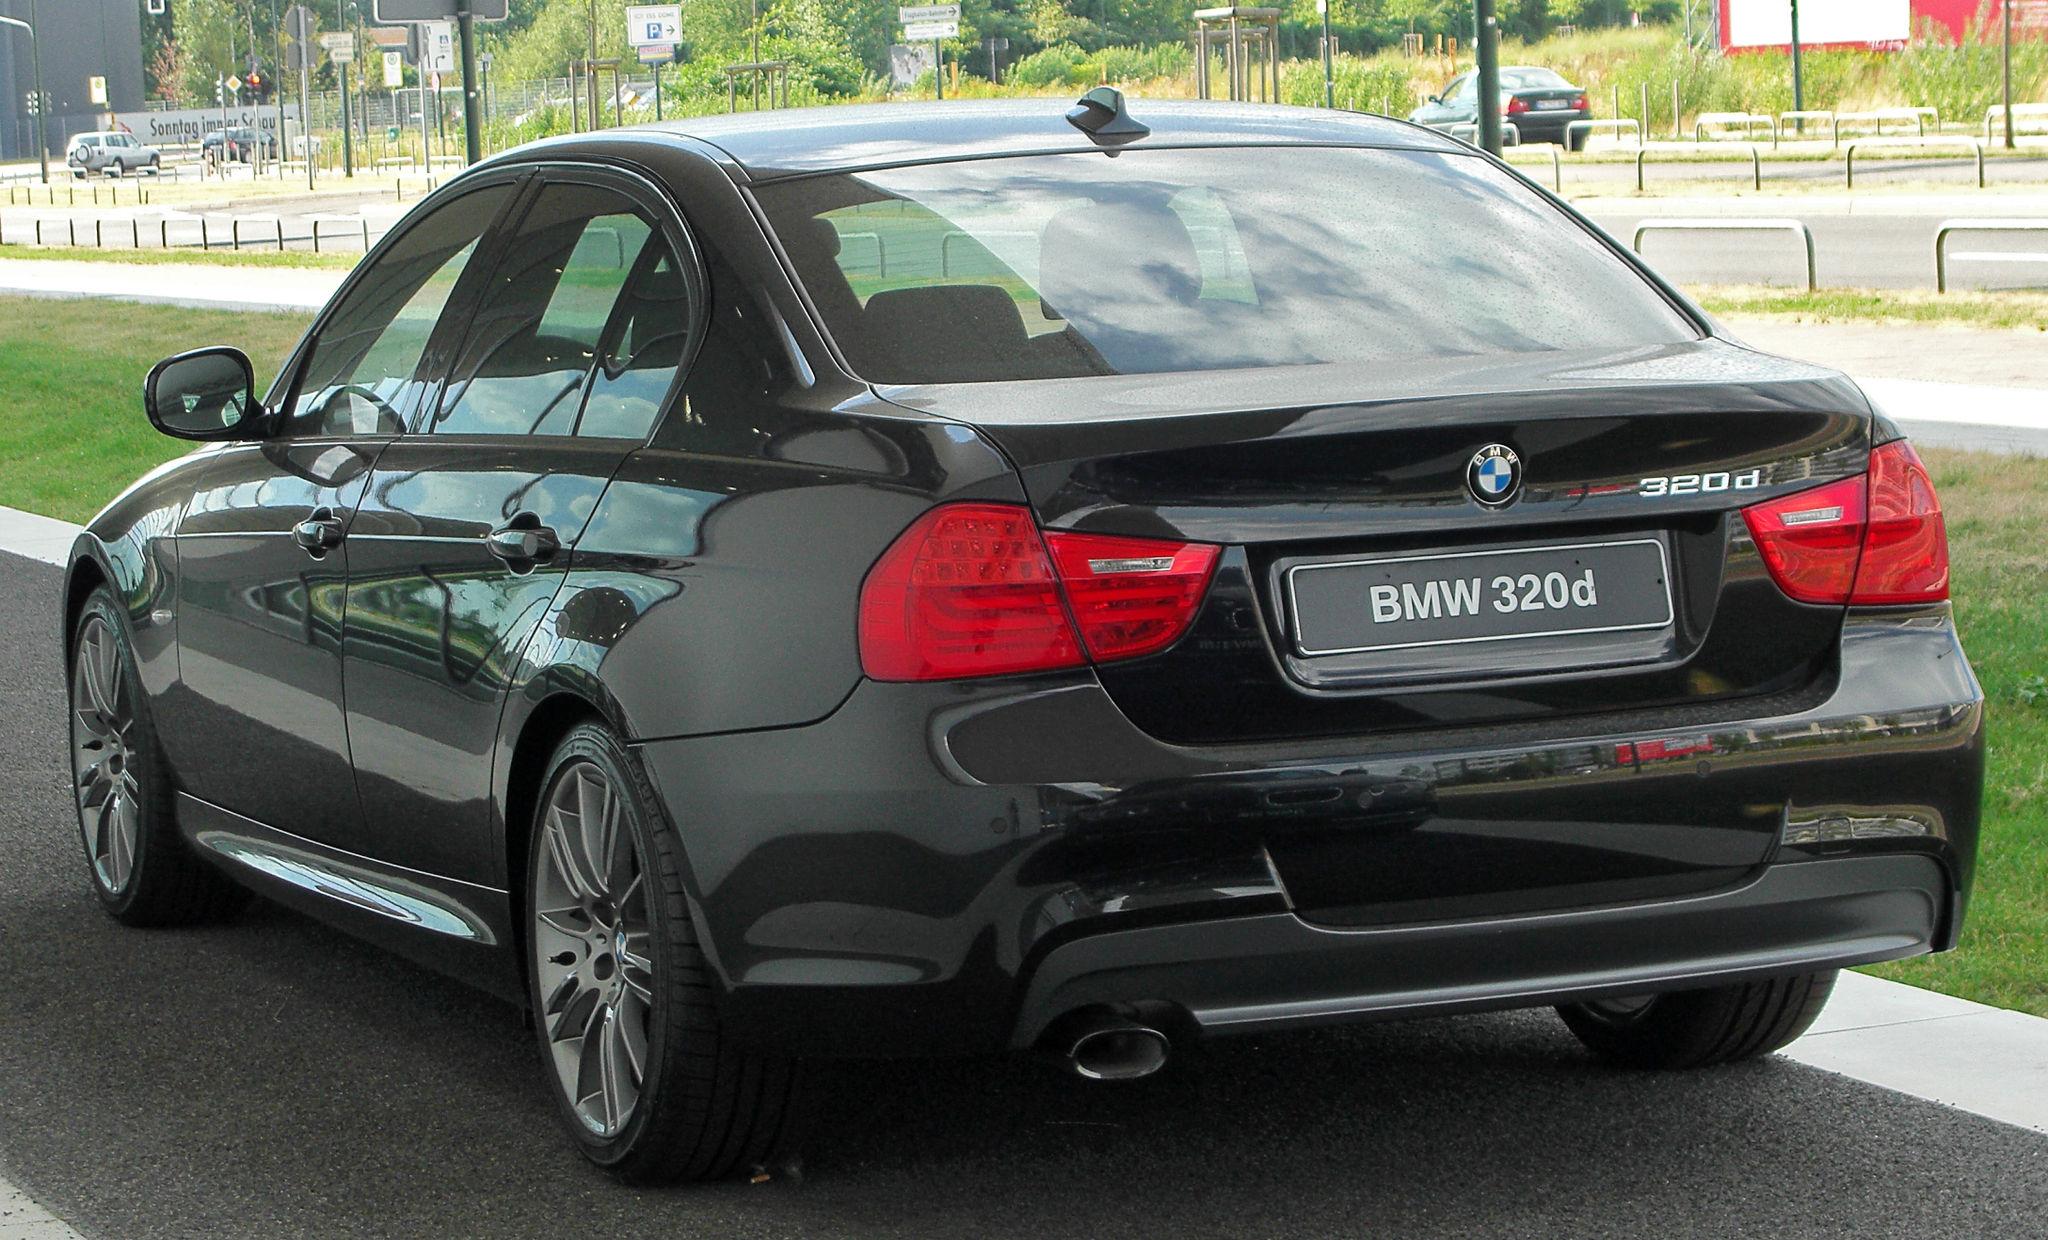 Nadmierne zużycie oleju BMW